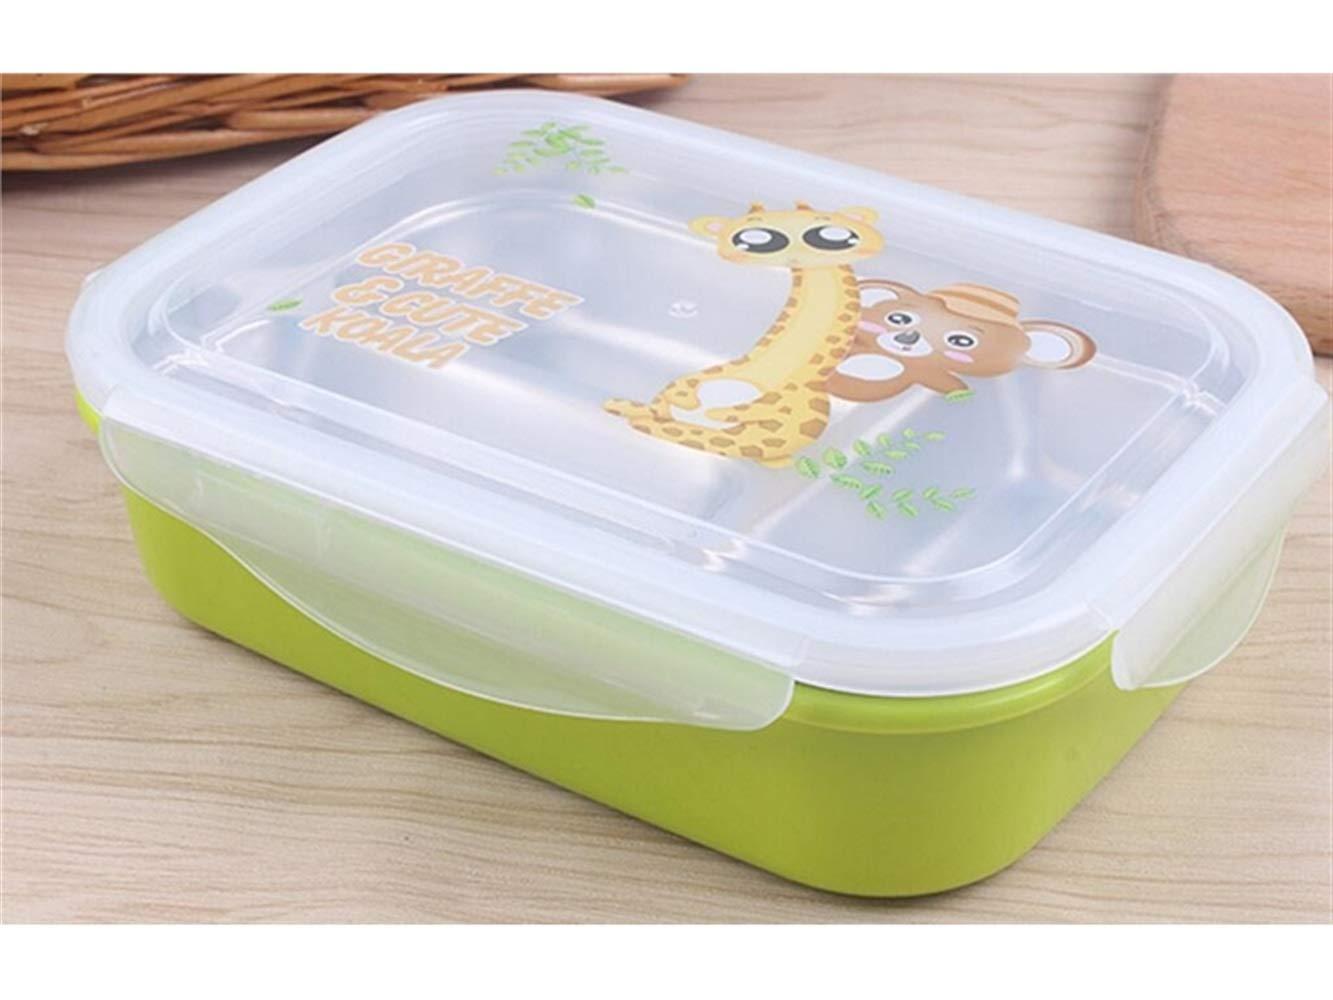 Rutschfest Baby Futternapf Lunchbox Anti-verbrühen Edelstahl Kinderschale Isolierung Schüssel für Kinder Studenten (grün) für Kinder